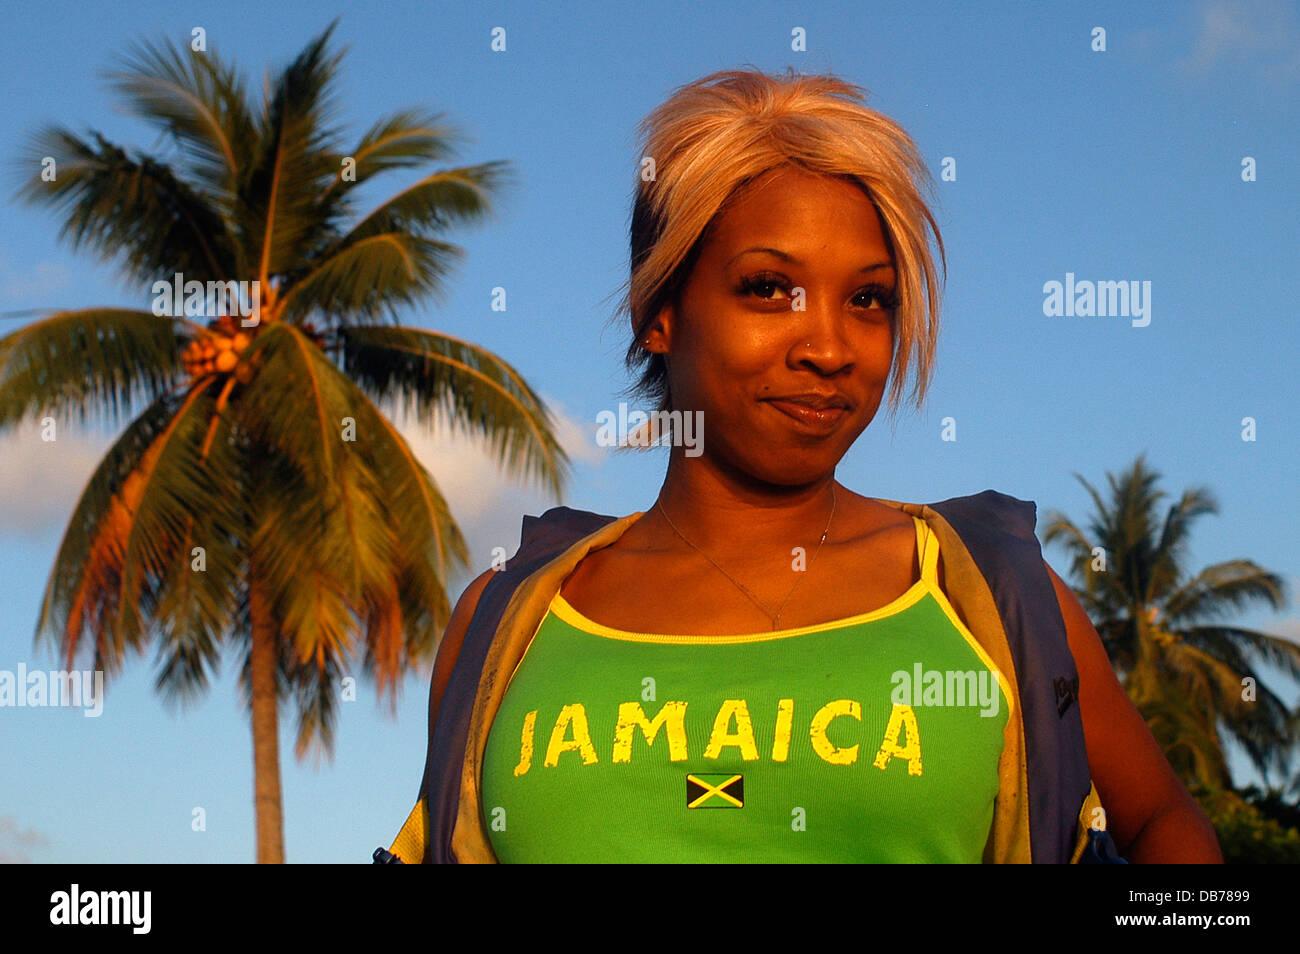 Jamaika-Mädchen